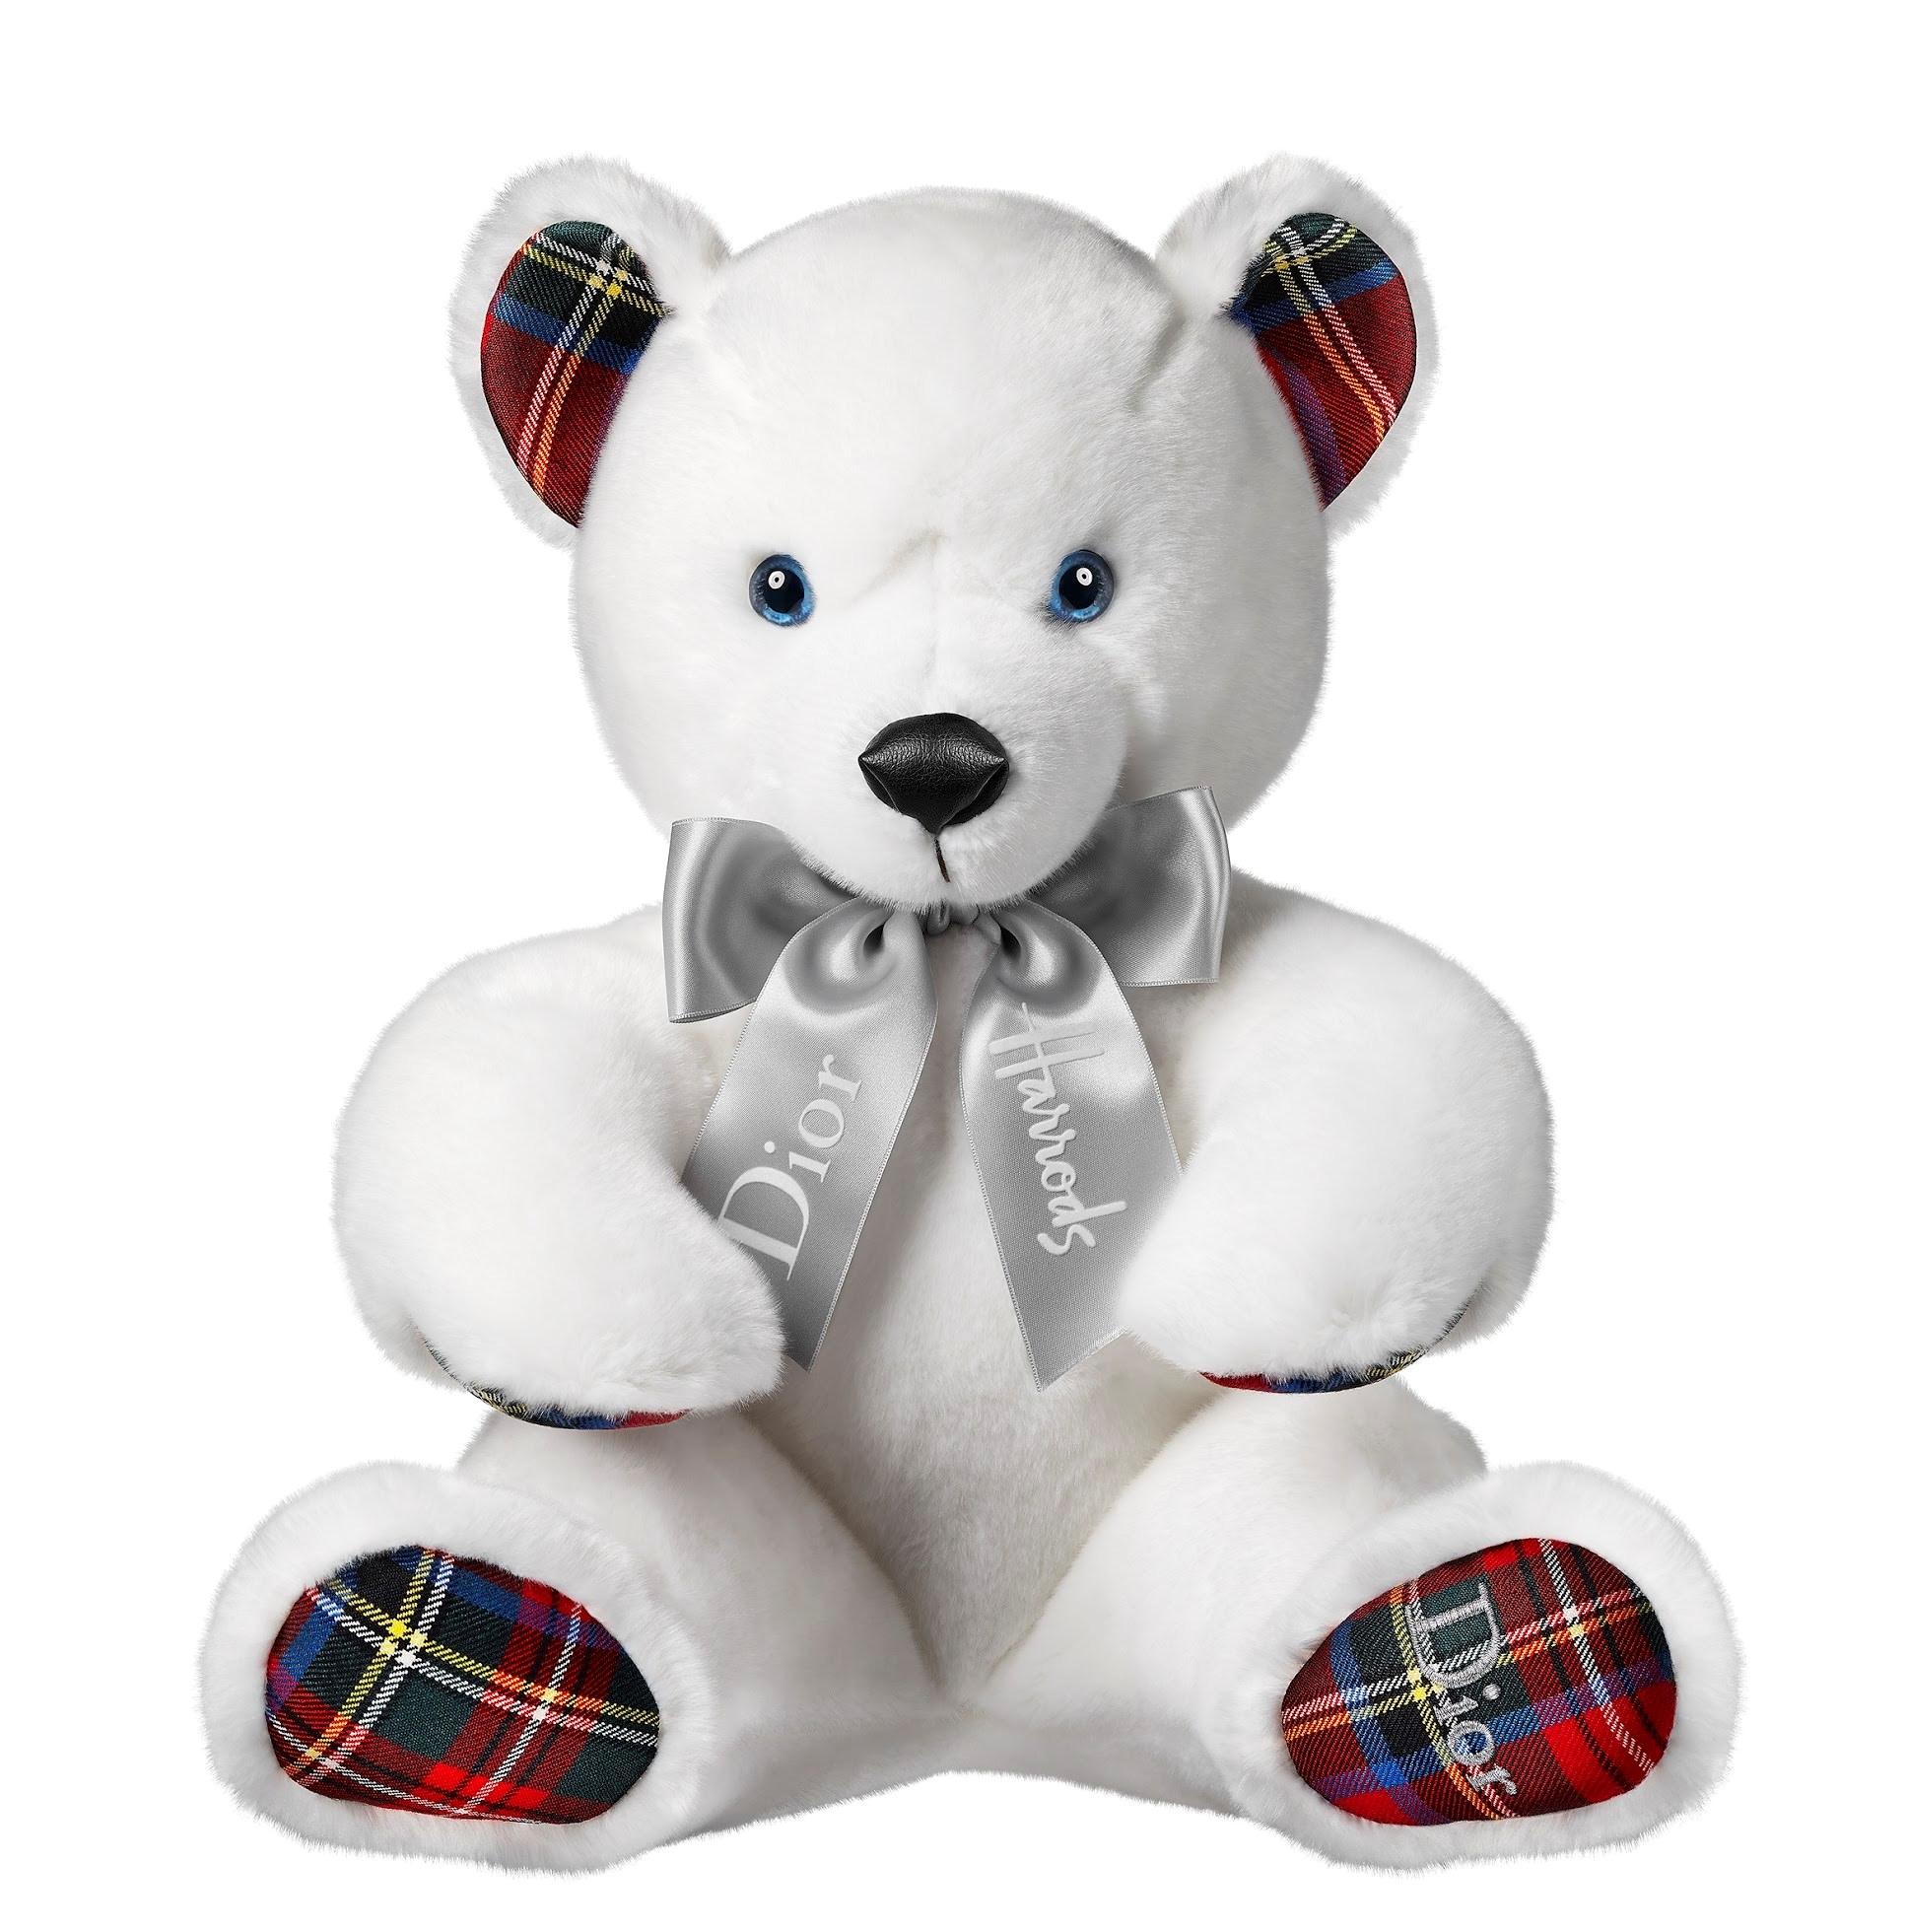 Christian-Dior-at-Harrods-Teddy-Bear